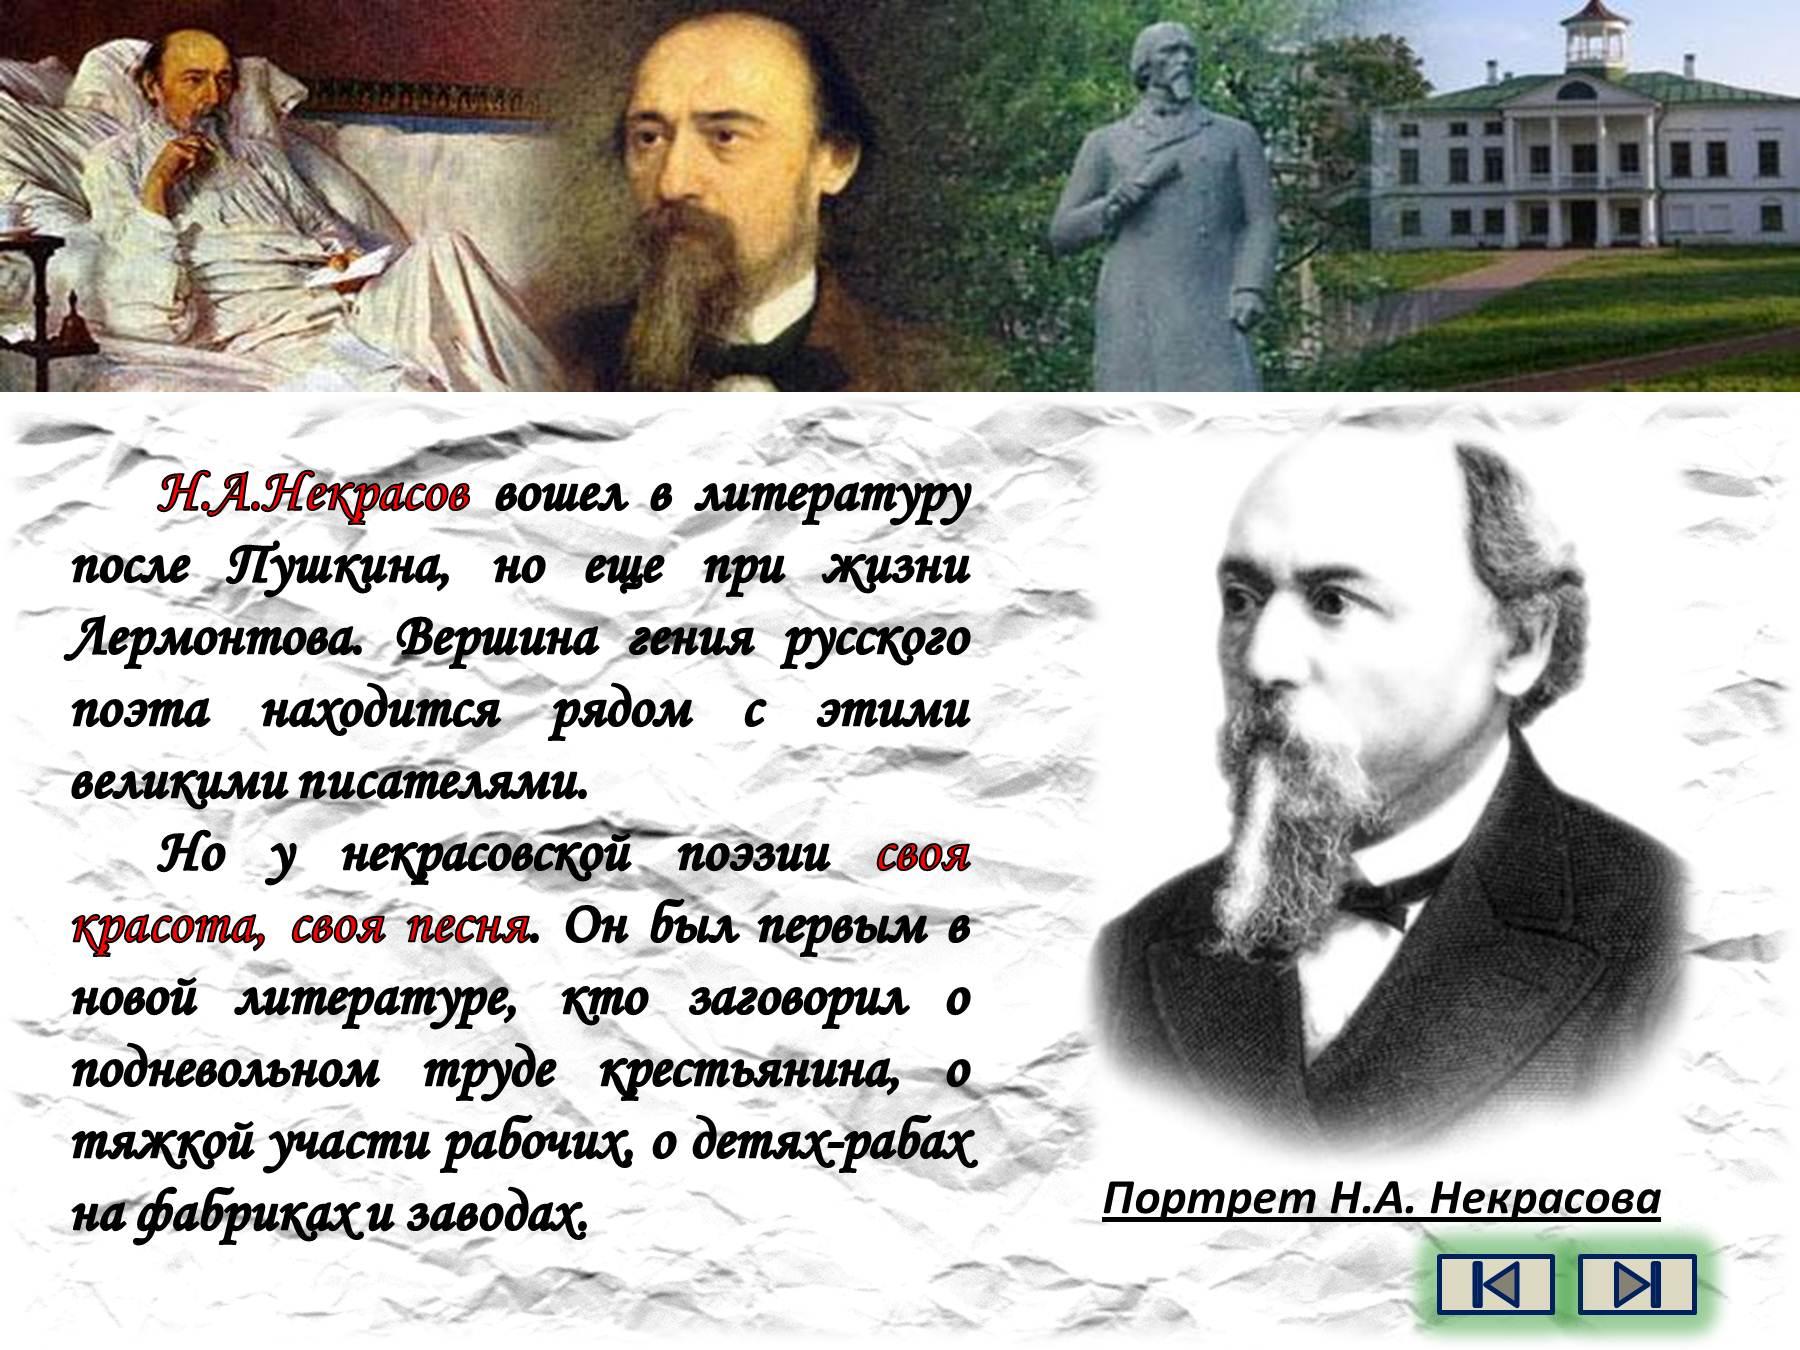 Андрей чернышов биография актера фото личная жизнь фотостудий адреса